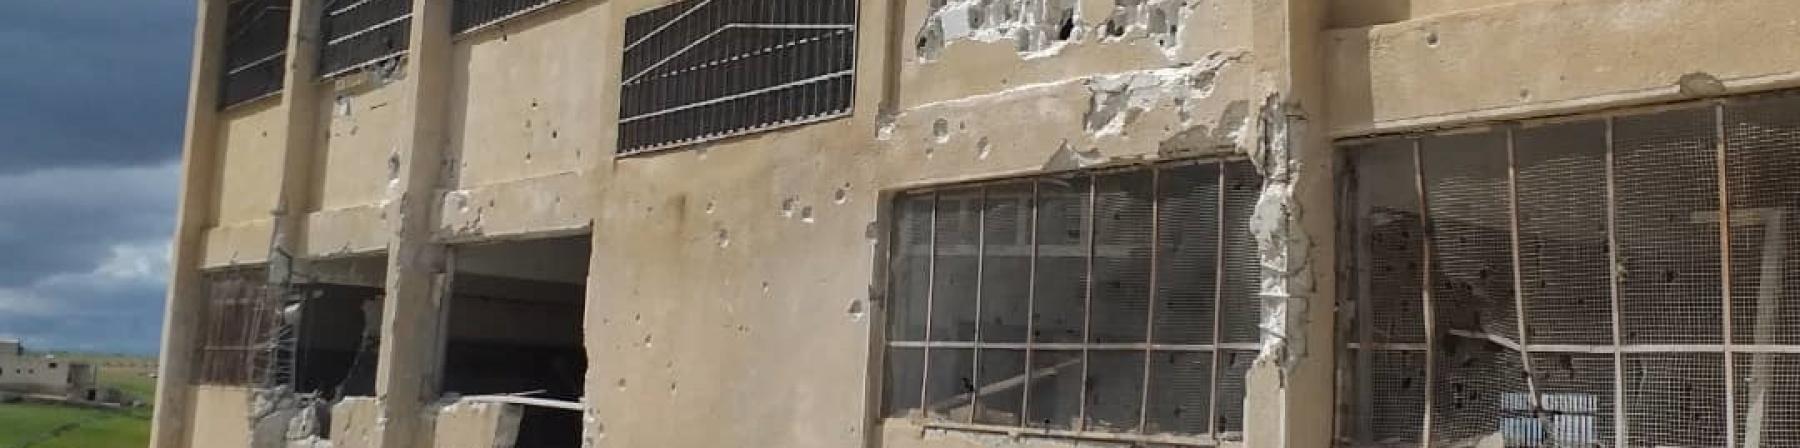 Scuola bombardata in Siria